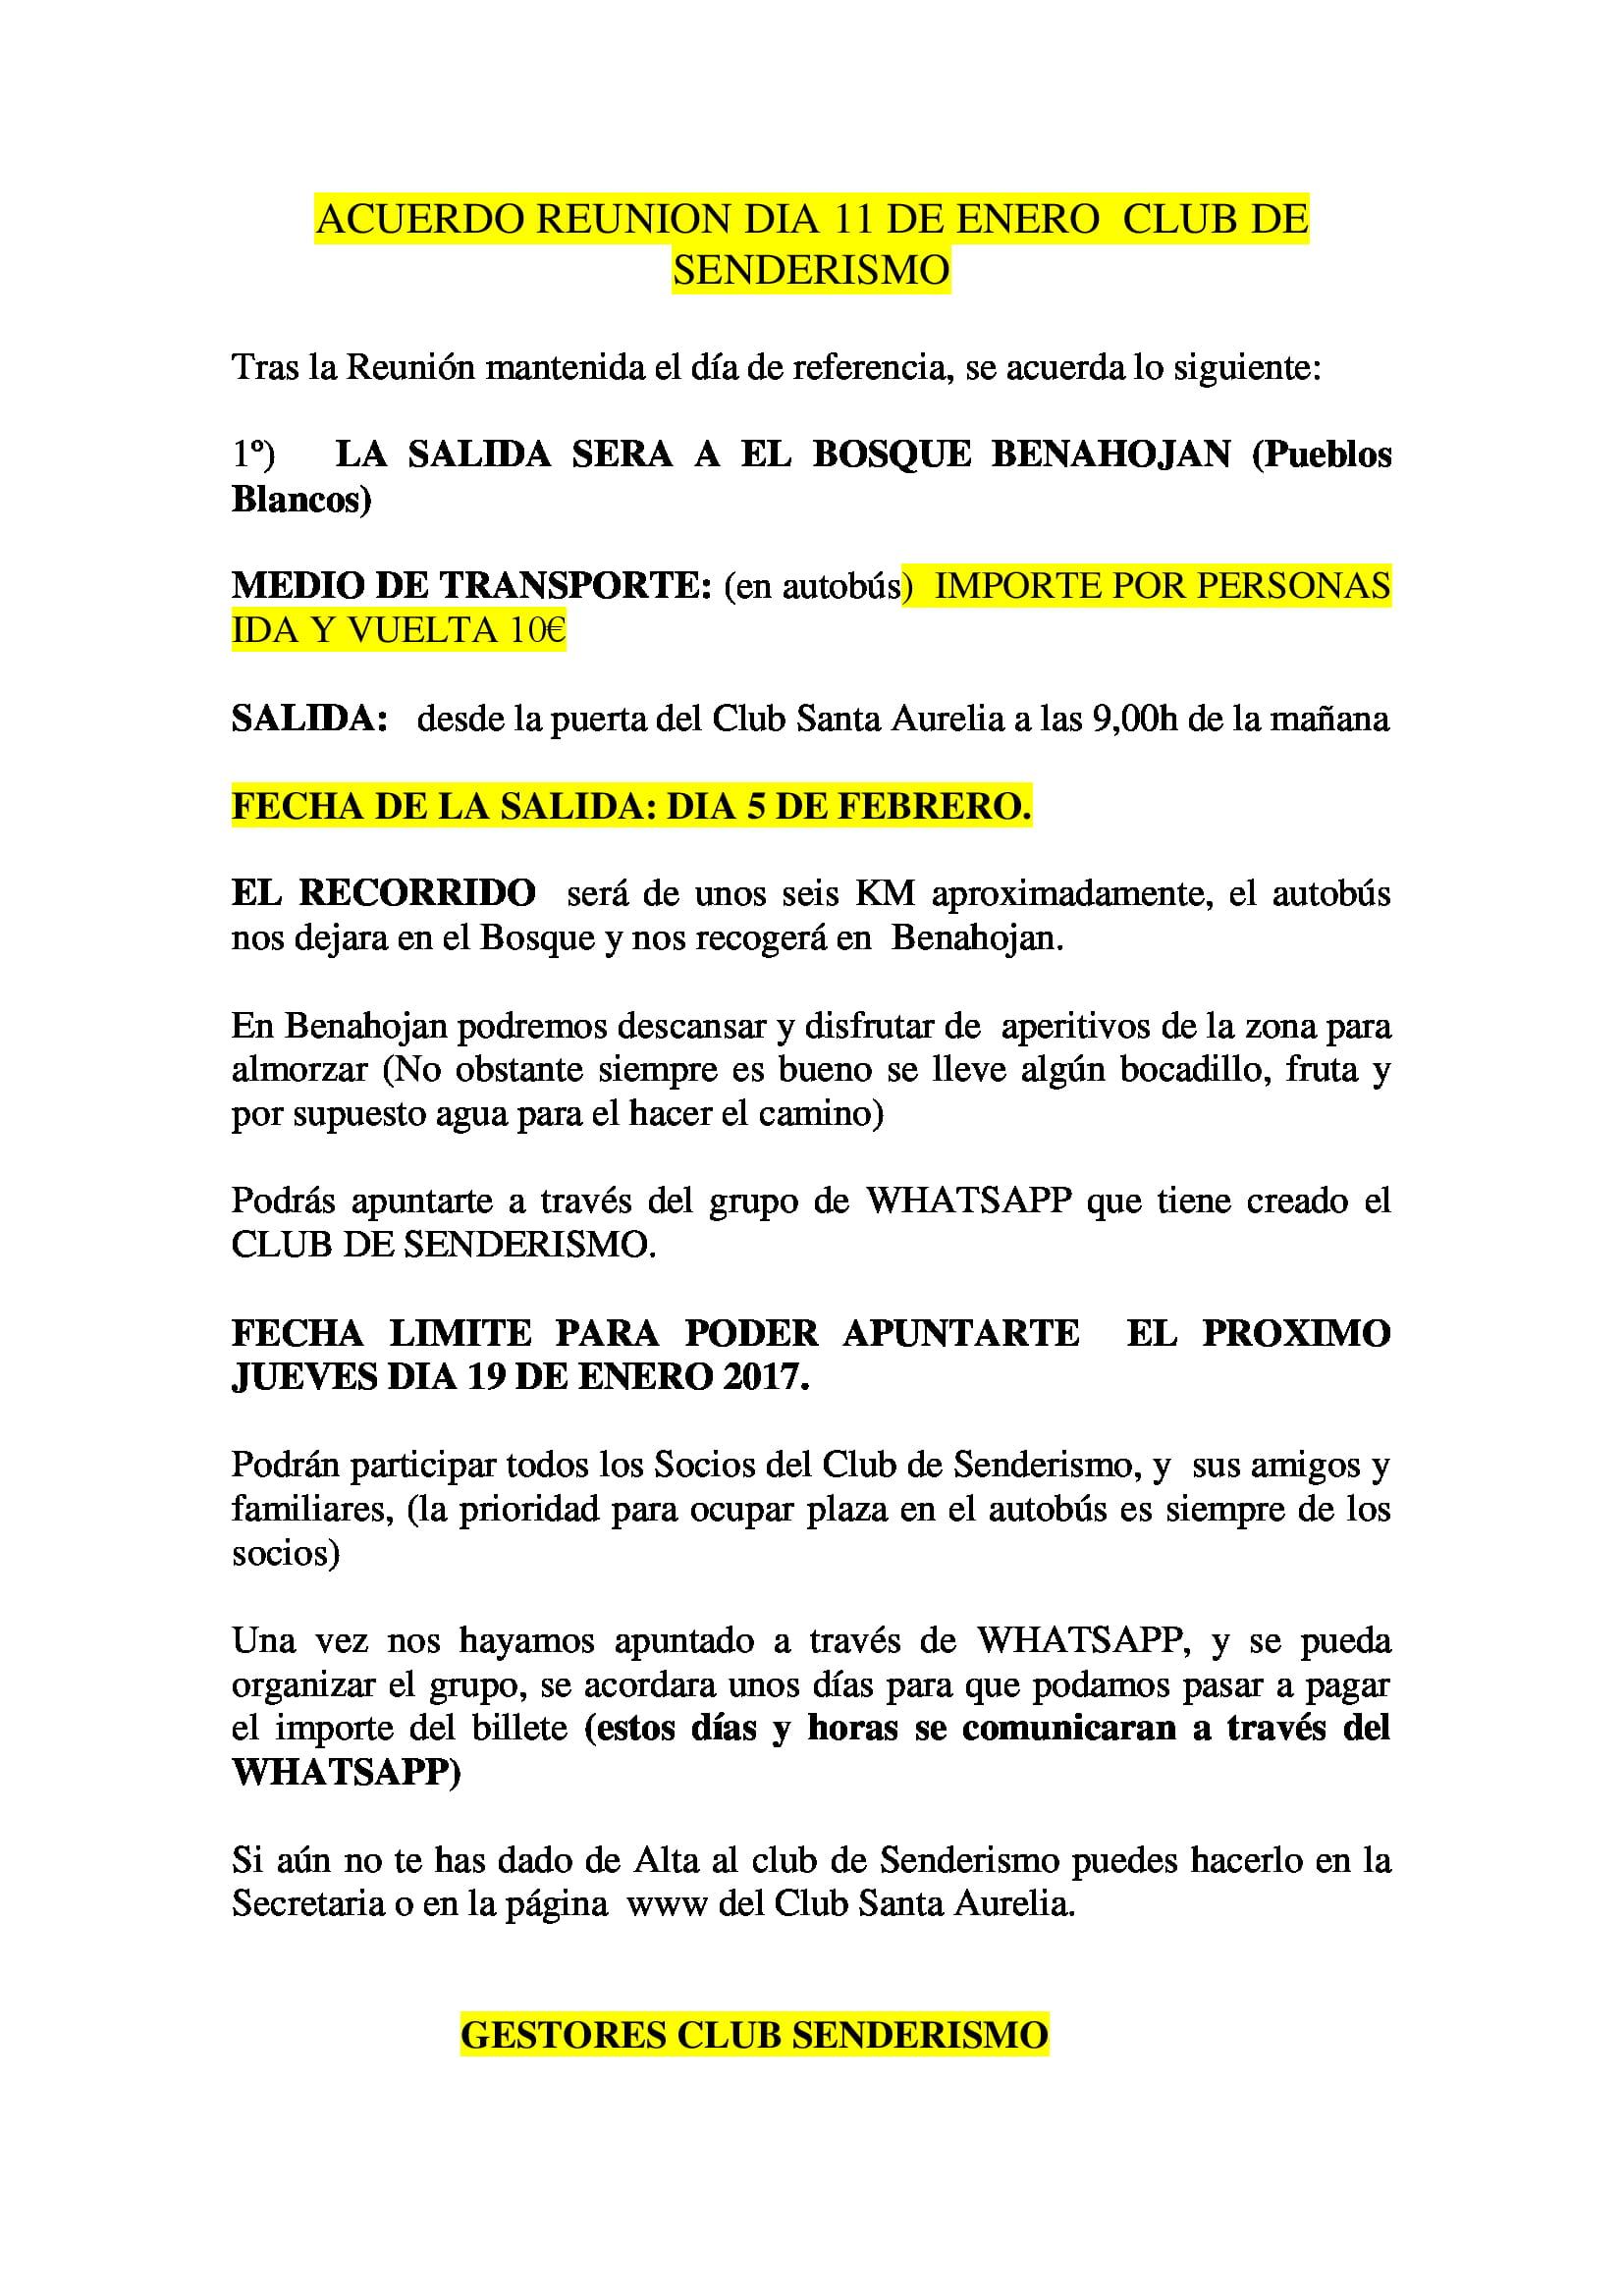 ACUERDO REUNION SENDERISMO 11 ENERO 17